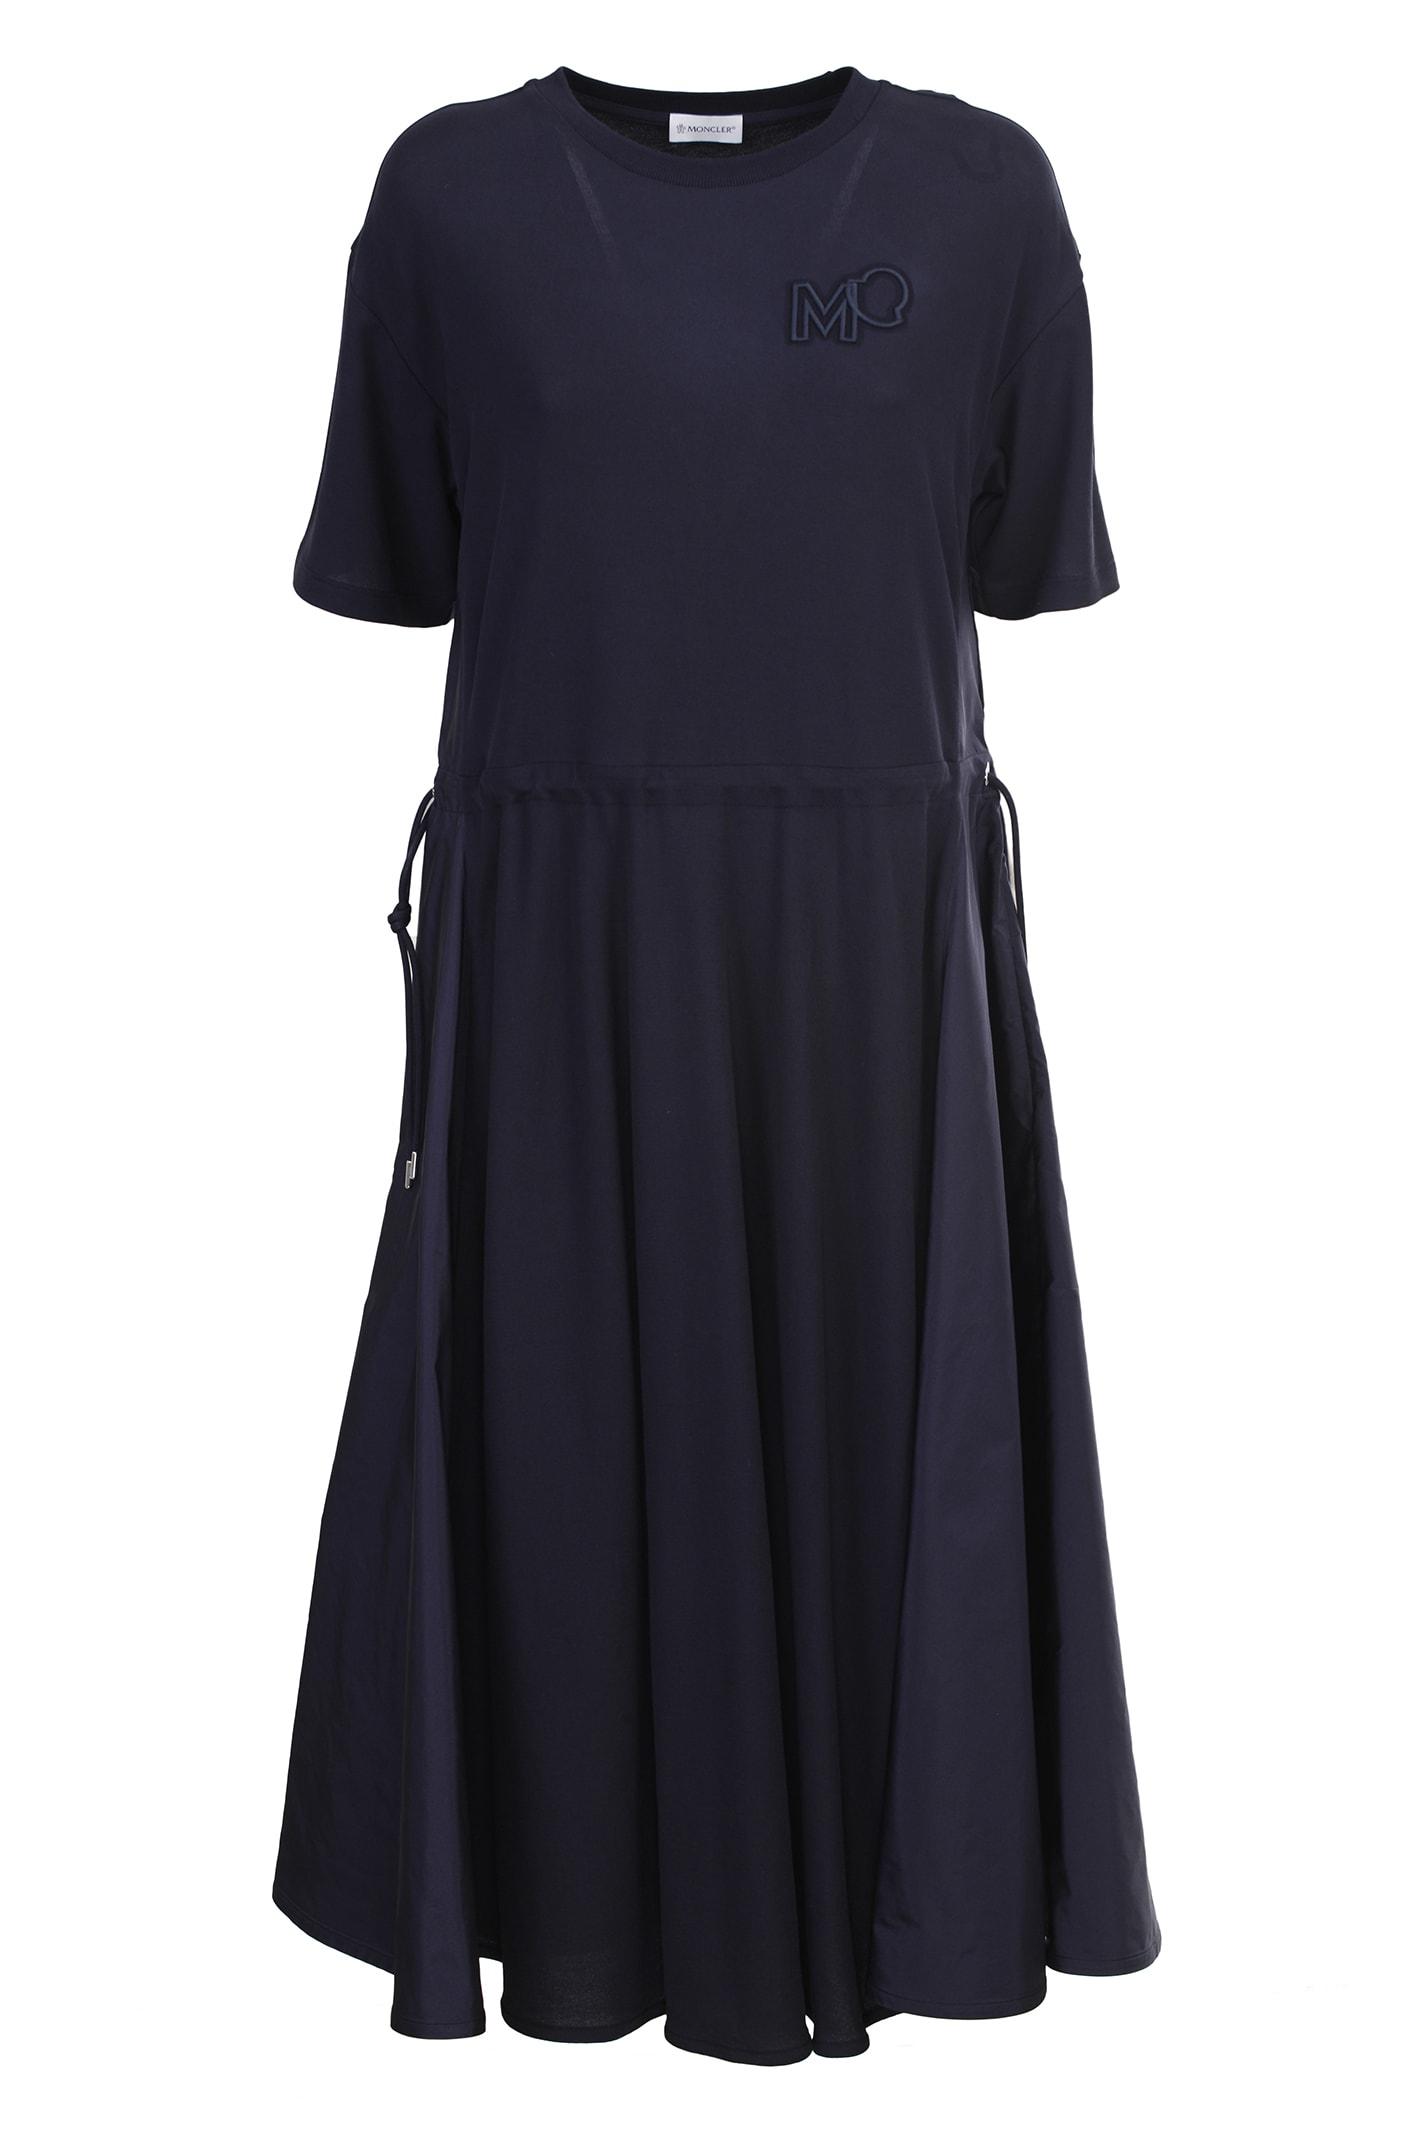 Moncler Midi dresses COTTON MIDI DRESS